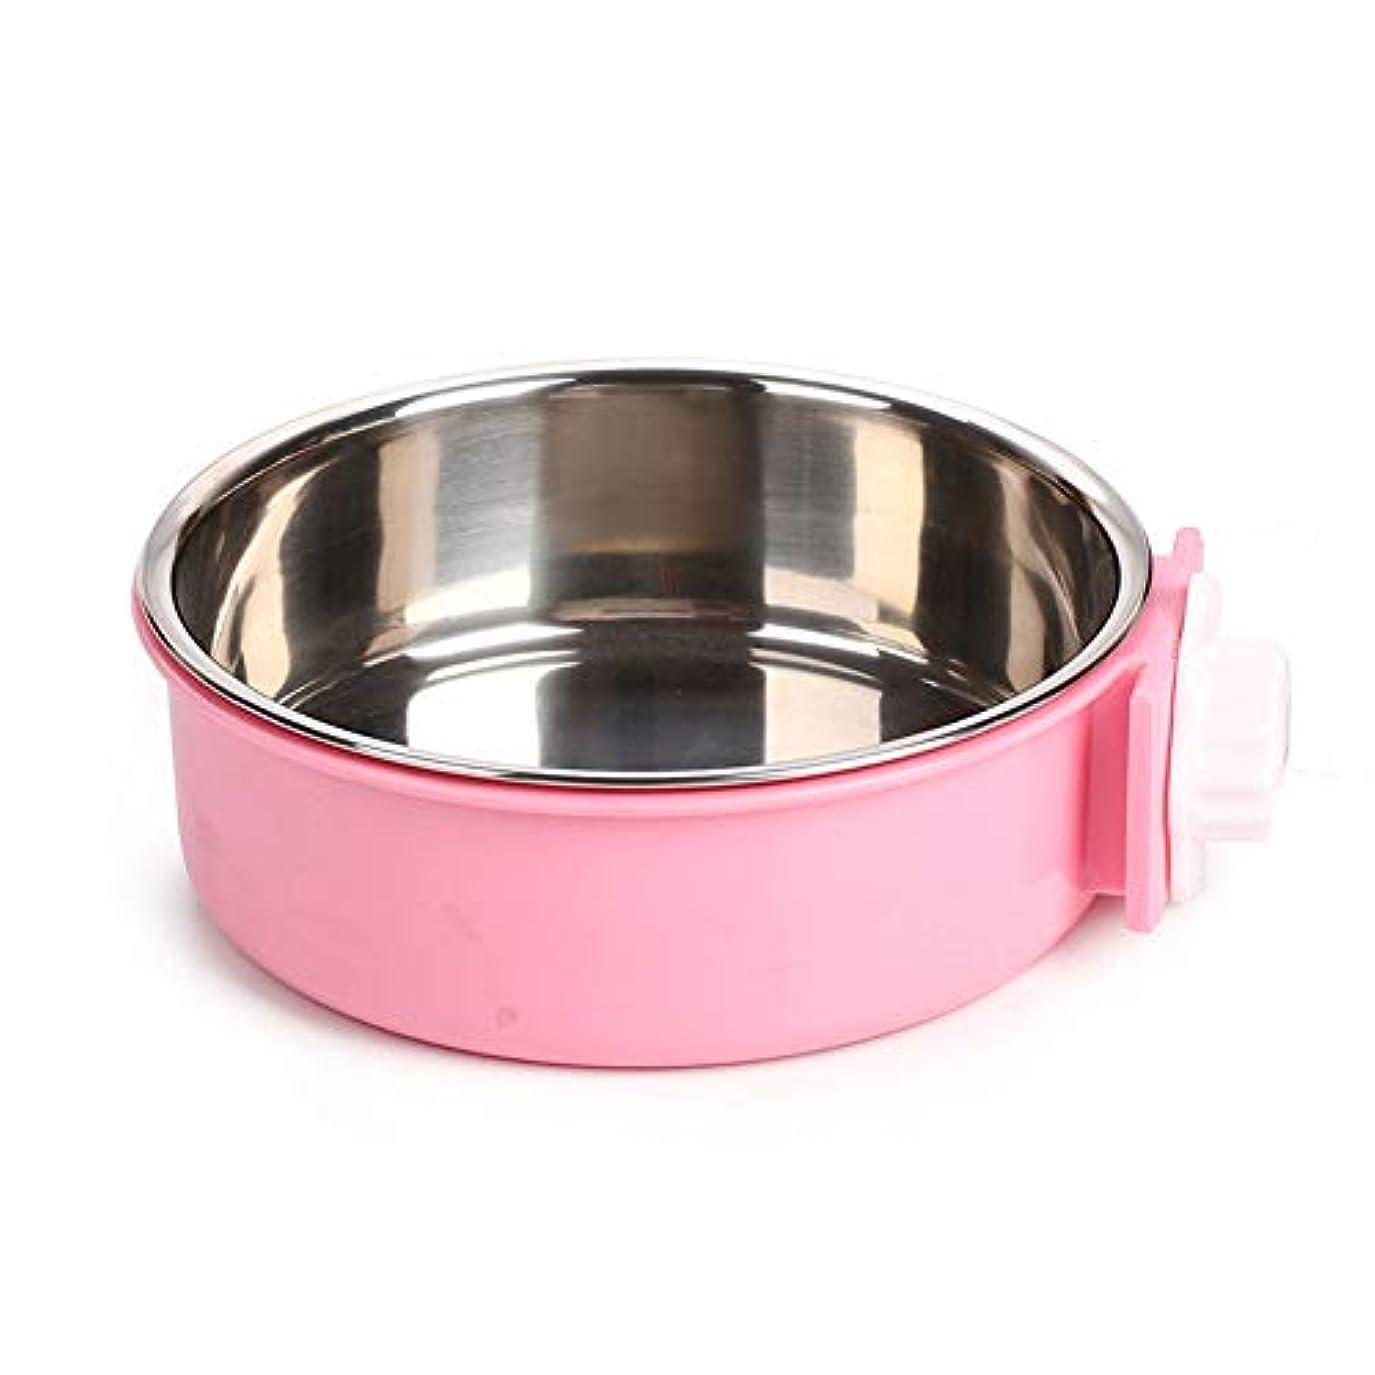 犬猫の鳥の掛かる食糧ボルトのためのボールの耐久のおりの送り装置(ピンク)